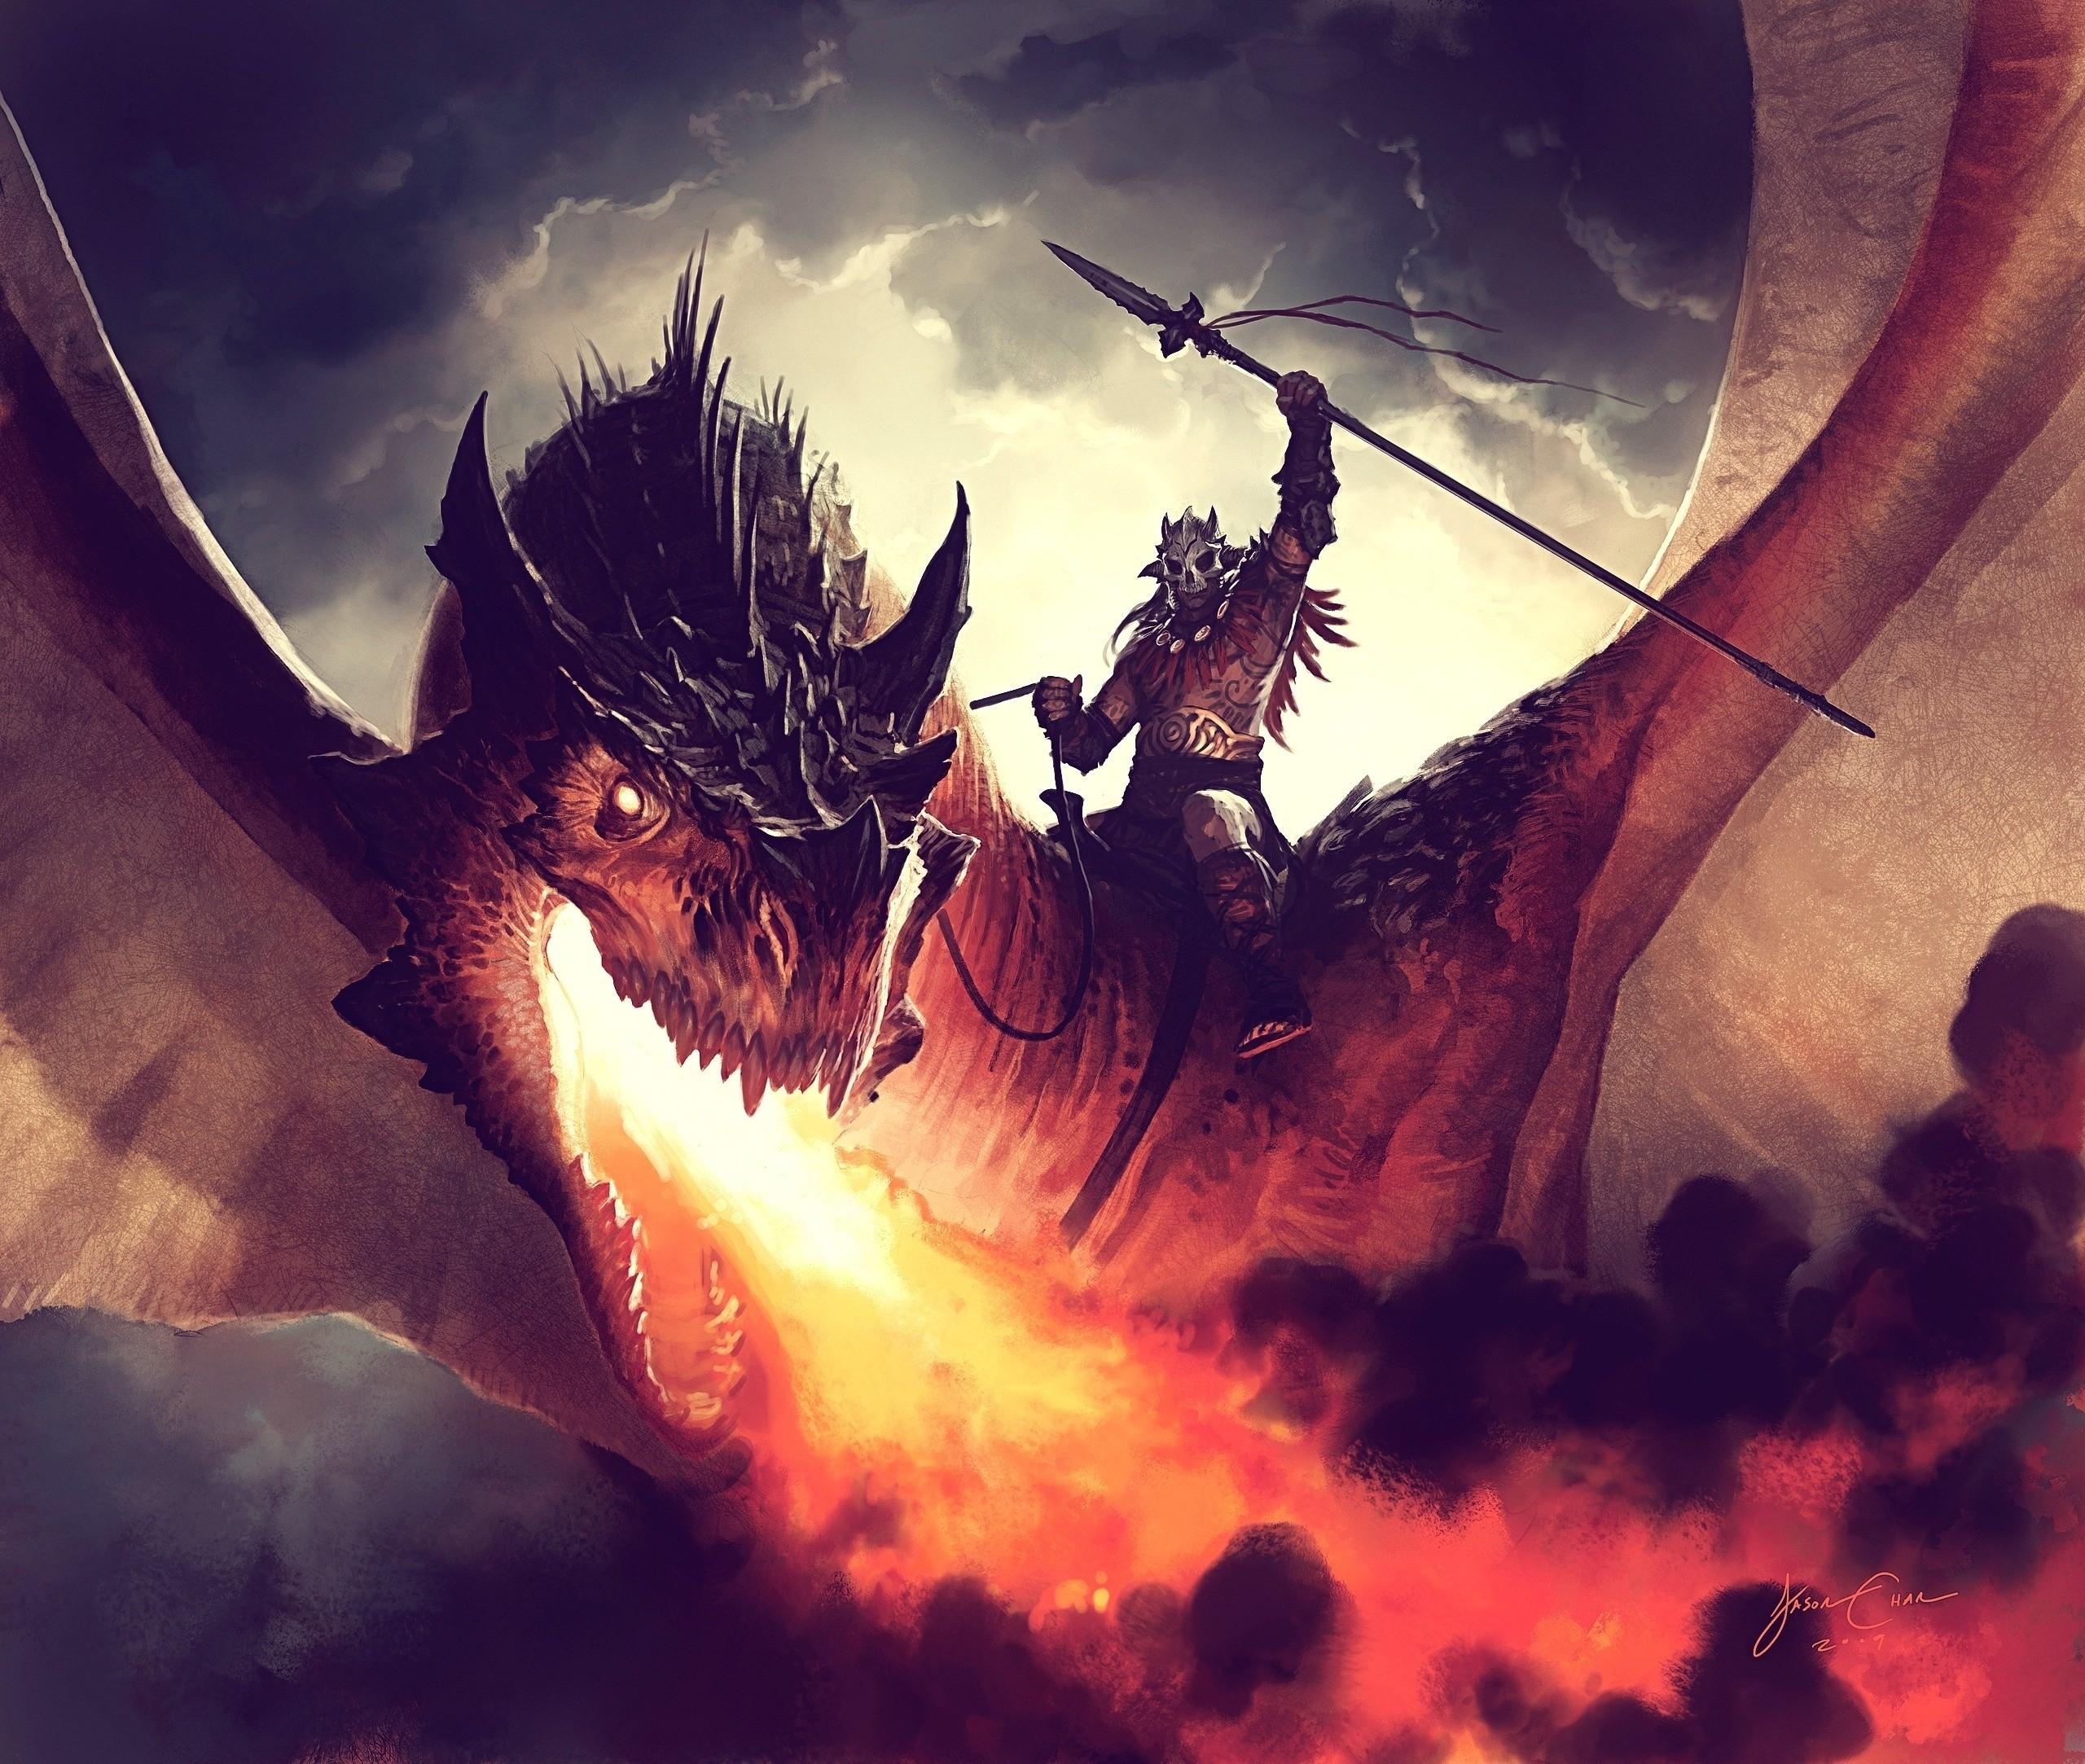 145332 Hintergrundbild herunterladen Kunst, Feuer, Fahrer, Der Drache, Drachen, Reiter, Jason Chan - Bildschirmschoner und Bilder kostenlos